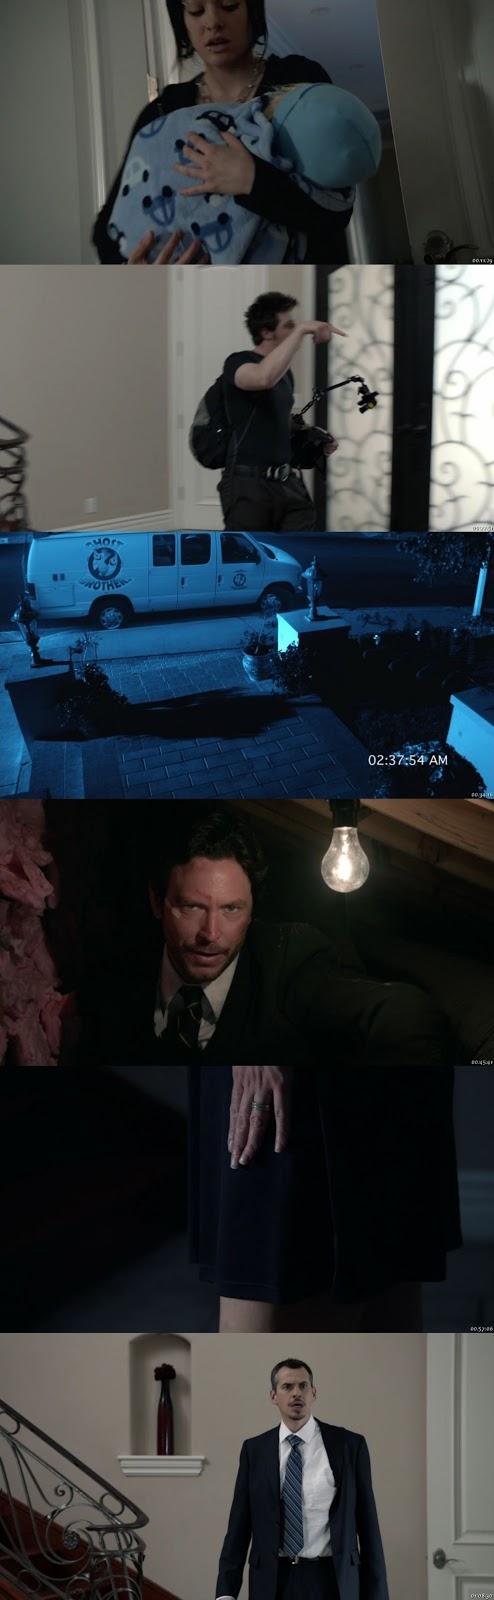 30 Noches De Actividad Paranormal 1080p HD MKV Latino